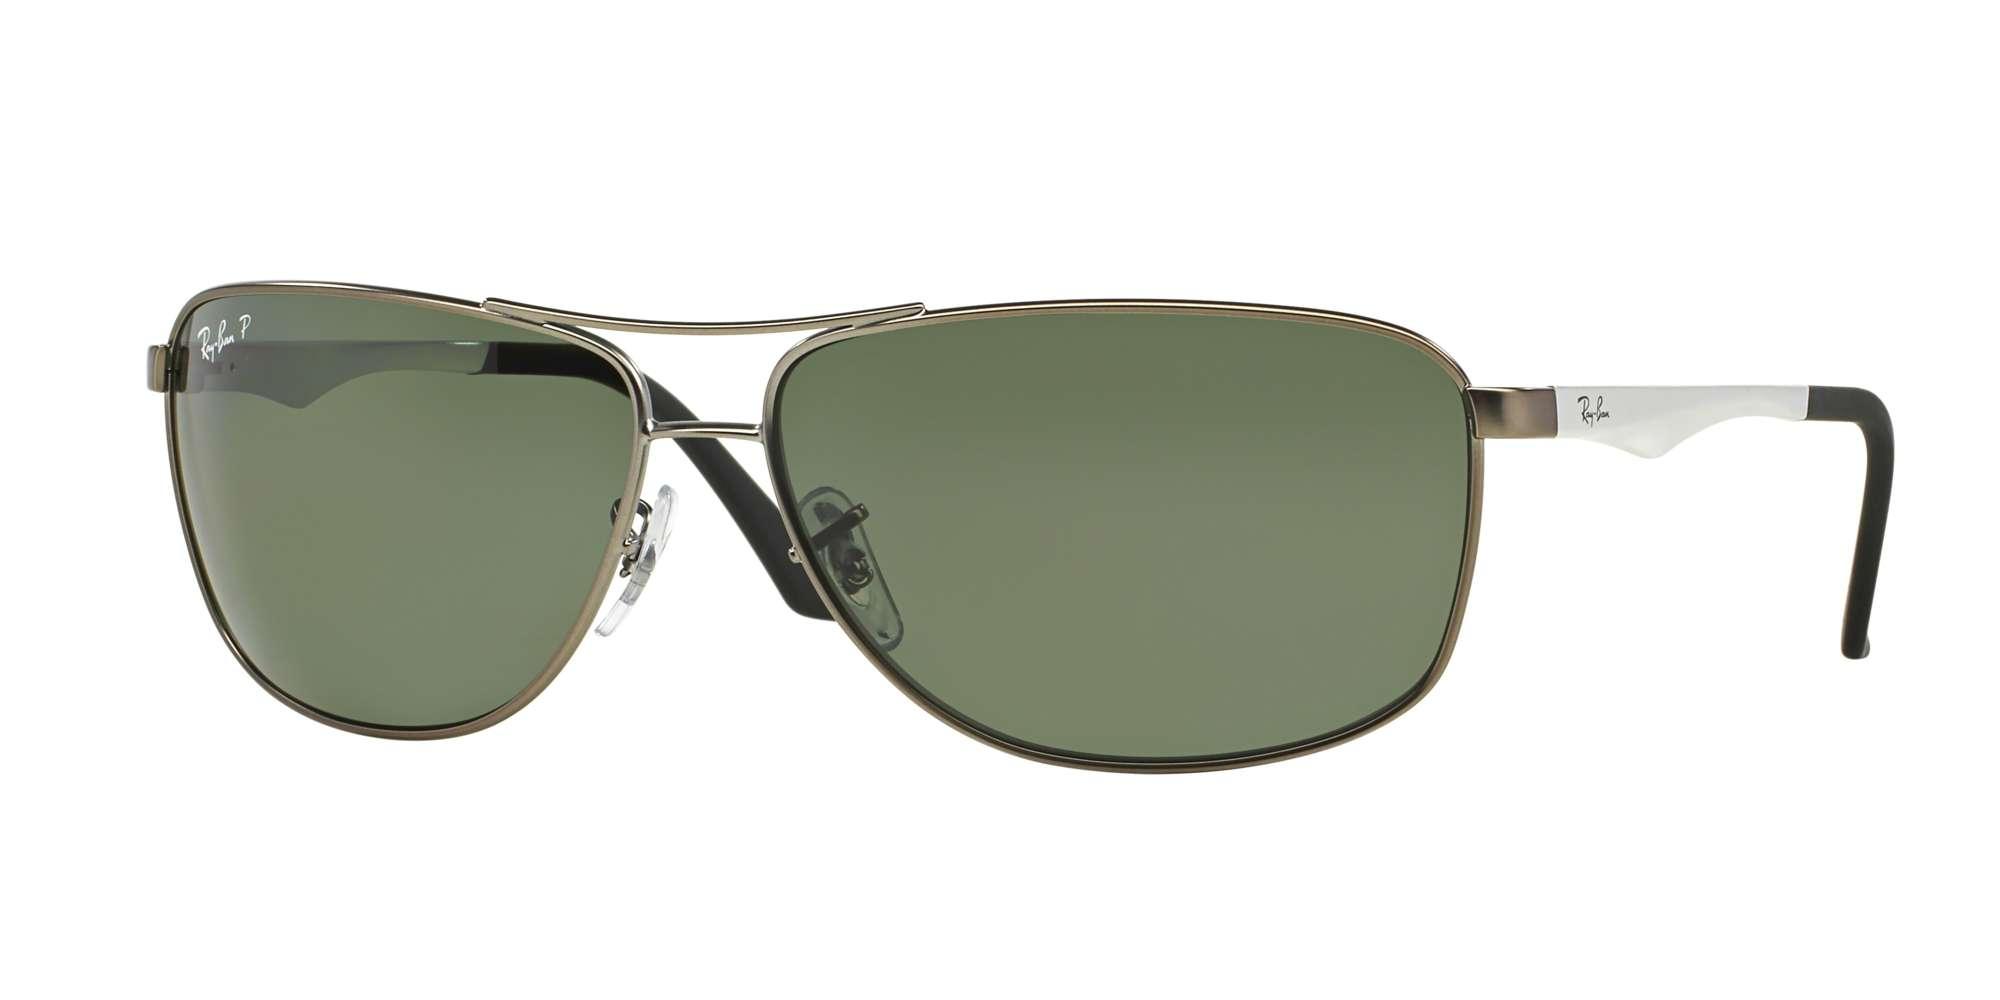 MATTE GUNMETAL / POLAR GREEN lenses